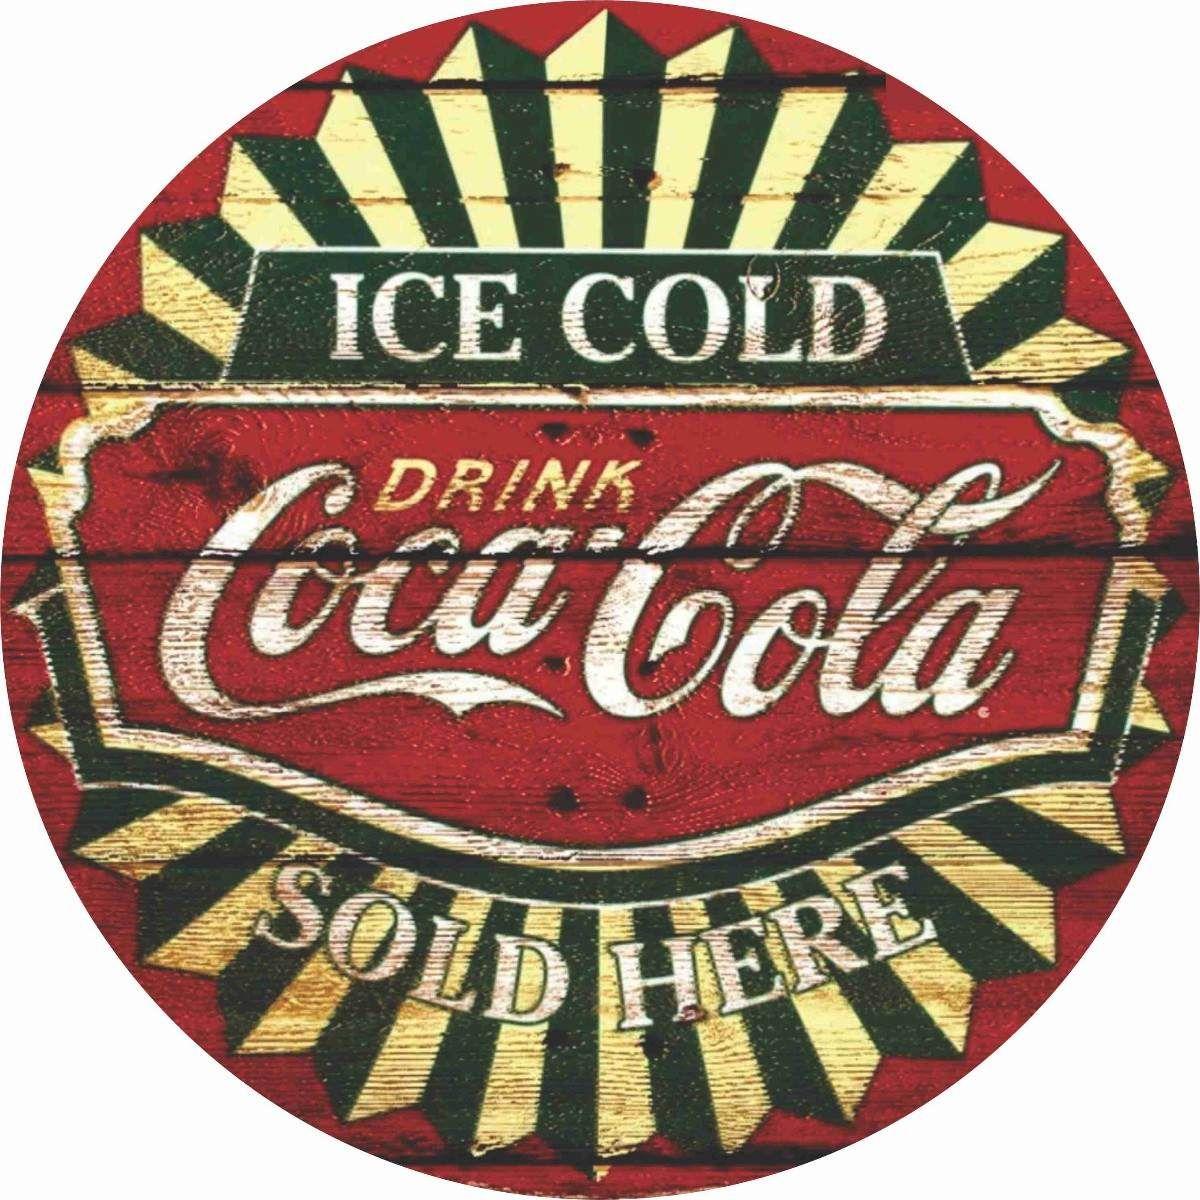 placa-decorativa-retro-vintage-coca-cola-45-cm-5772 ...